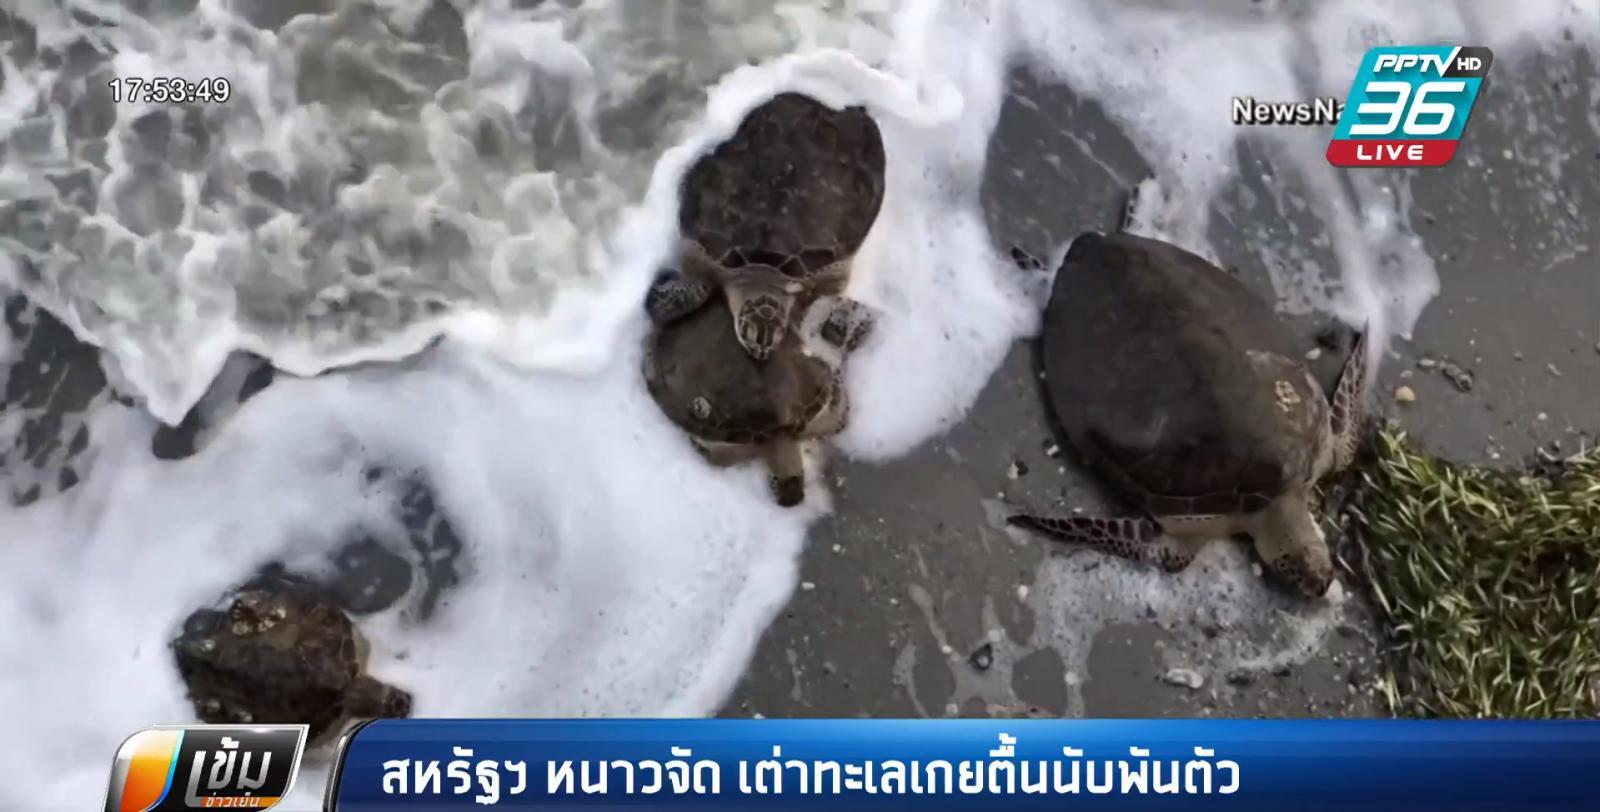 อากาศหนาว ถล่มสหรัฐฯ เต่าทะเลเกยตื้นนับพันตัว